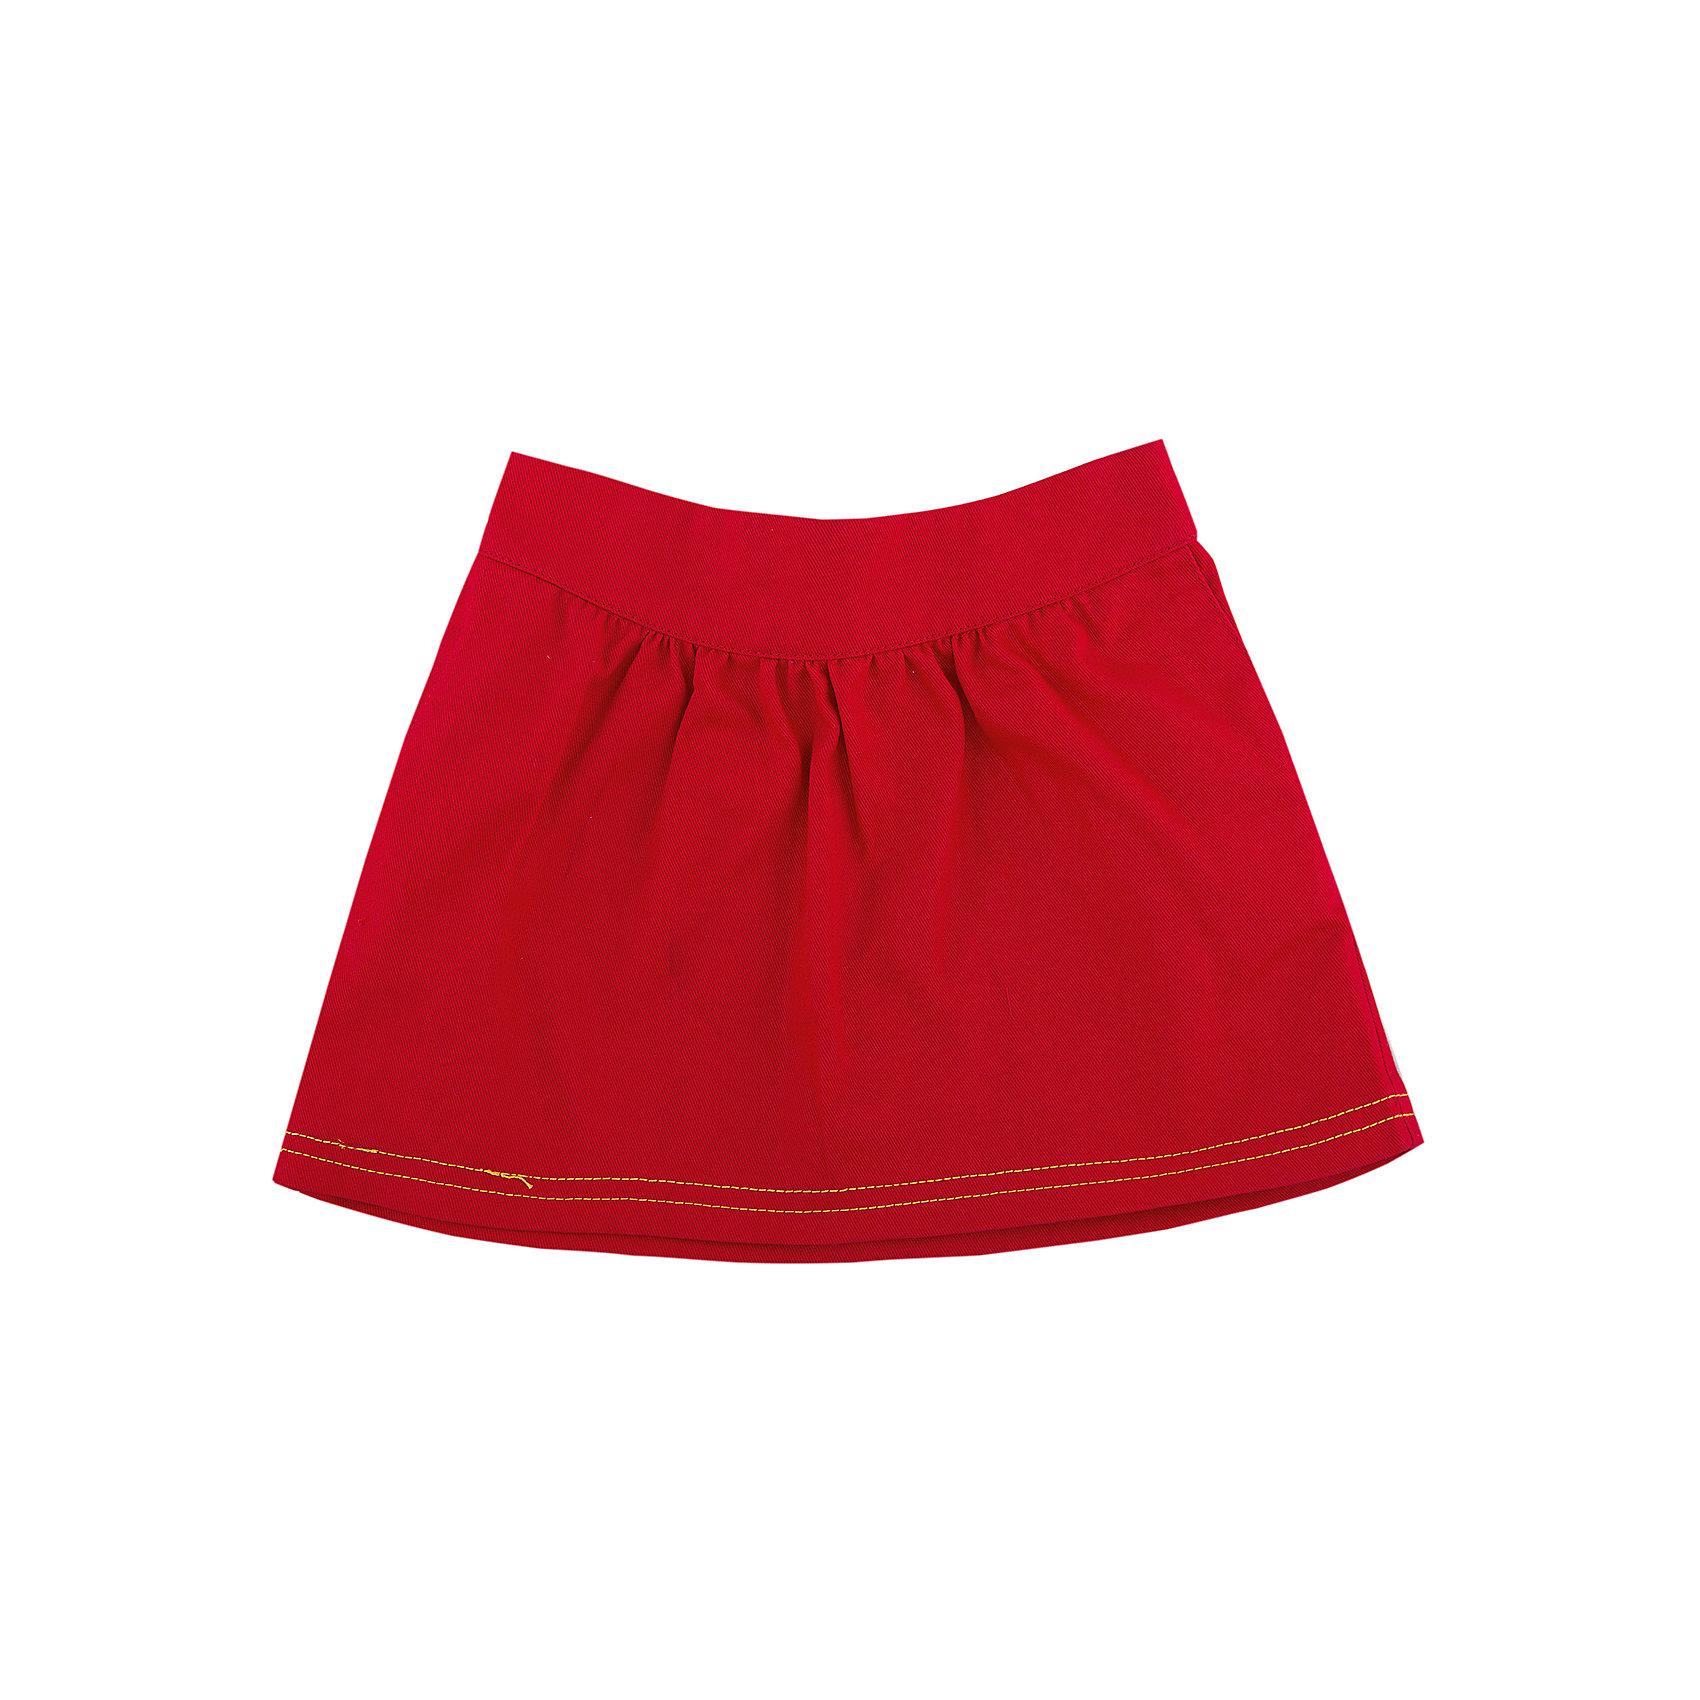 Юбка для девочки PlayTodayЮбка для девочки PlayToday<br>Яркая стильная юбка будет хорошим дополнением детского гардероба. Юбка на резинке, мягкая ткань не сковывает движений ребенка. Материал приятен к телу и не вызывает раздражений.  <br><br>Преимущества: <br><br>Мягкая ткань не сковывает движений ребенка<br>Материал приятен к телу и не вызывает раздражений<br>Юбка может быть хорошим дополнением детского гардероба<br><br>Состав:<br>100% хлопок<br><br>Ширина мм: 207<br>Глубина мм: 10<br>Высота мм: 189<br>Вес г: 183<br>Цвет: красный<br>Возраст от месяцев: 84<br>Возраст до месяцев: 96<br>Пол: Женский<br>Возраст: Детский<br>Размер: 116,122,128,98,104,110<br>SKU: 5403655